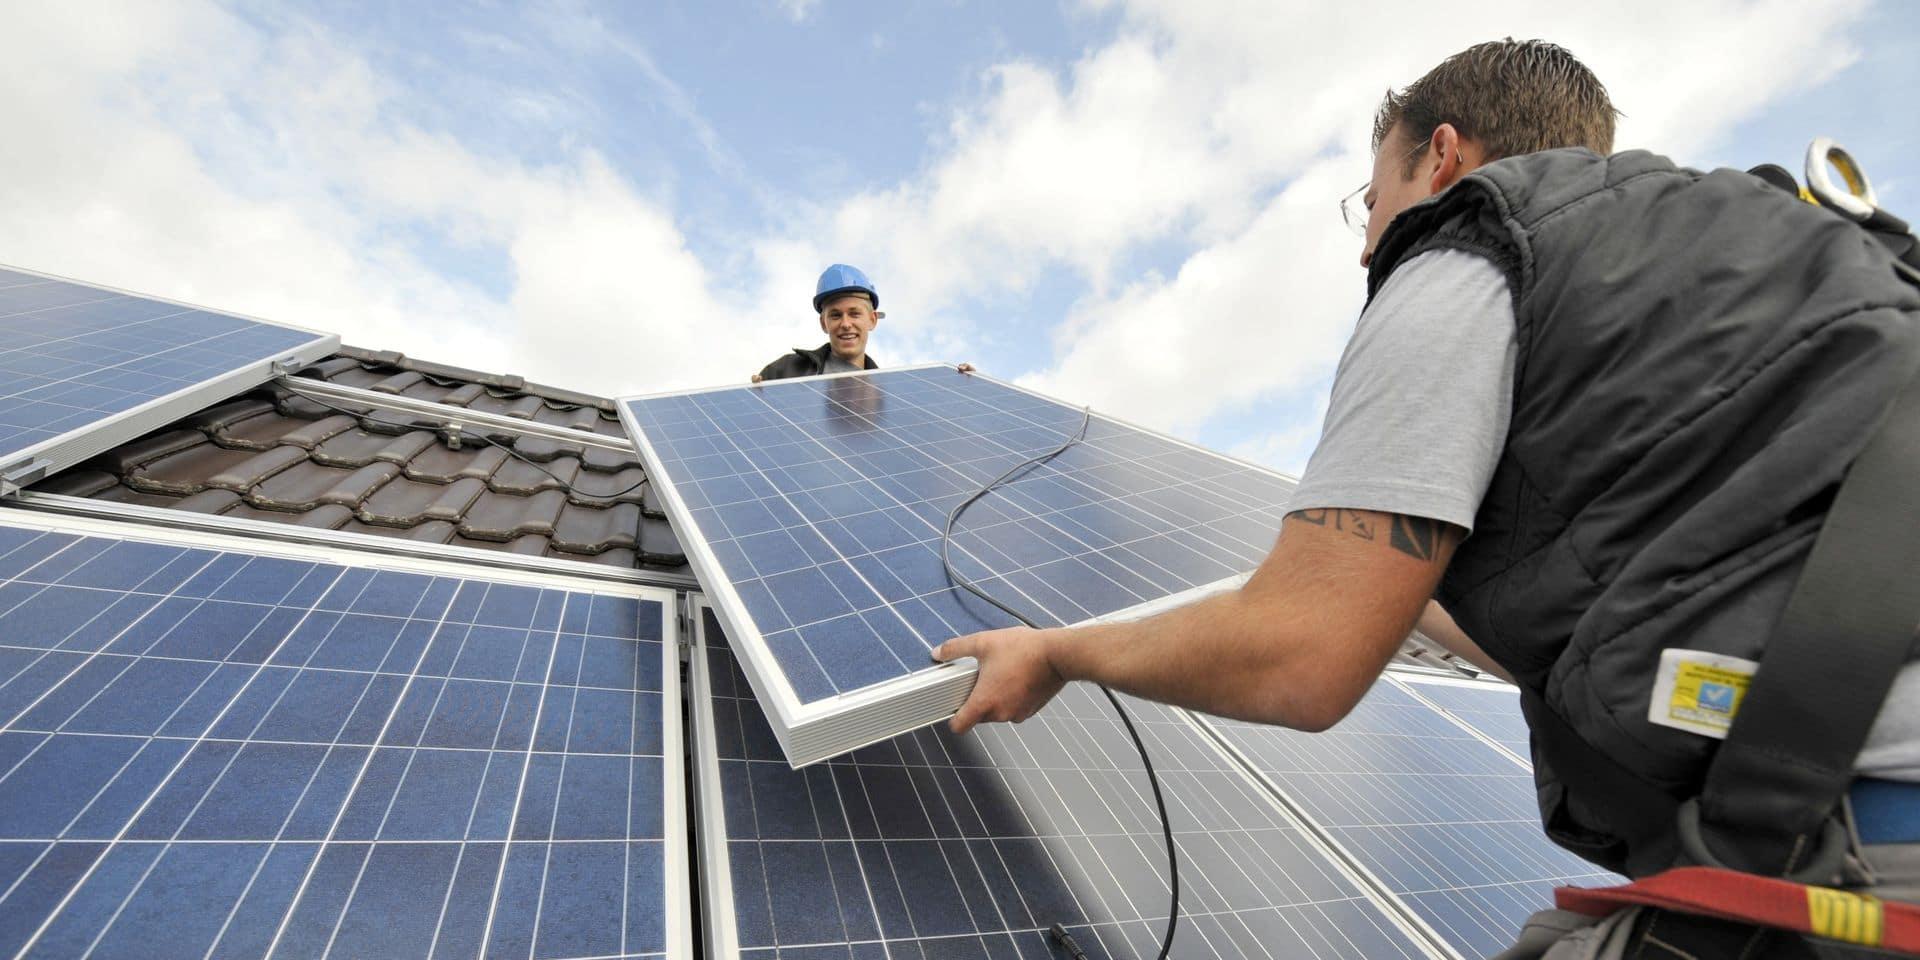 Des fonds pour renforcer le développement de coopératives citoyennes actives dans la production d'énergie verte, locale et renouvelable